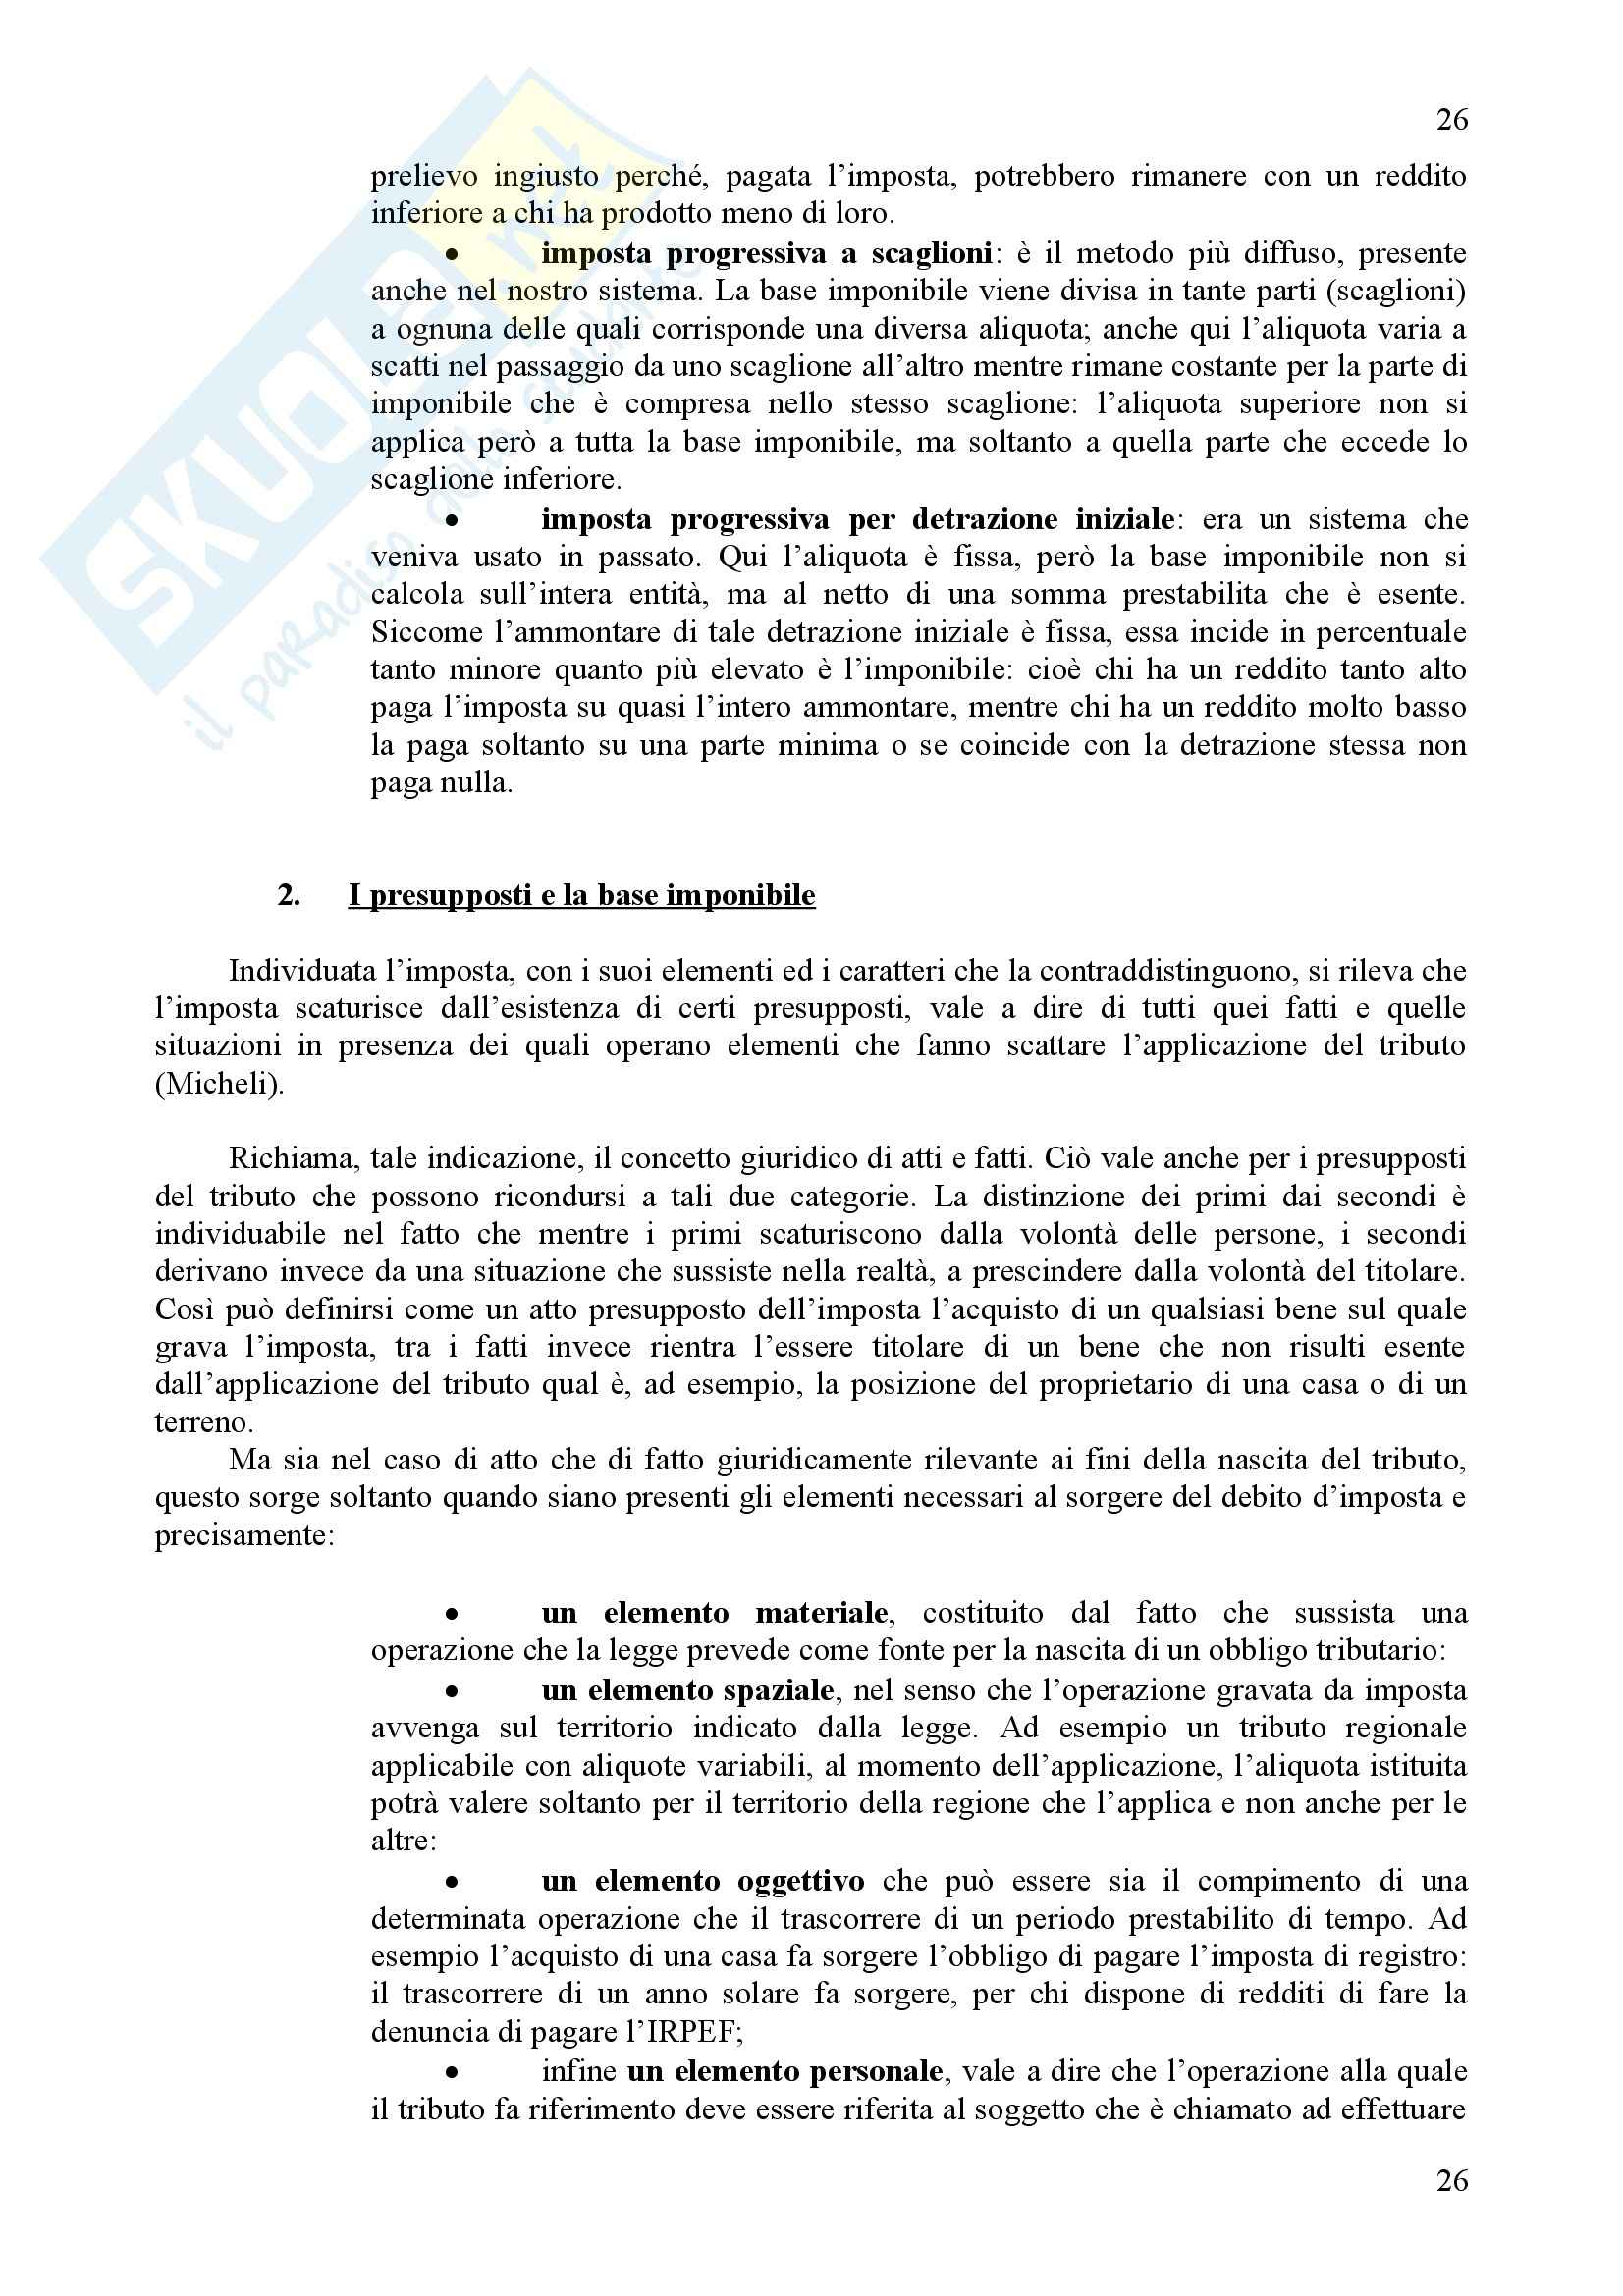 Scienza delle finanze - Riassunto esame, prof. Iannucci Pag. 26